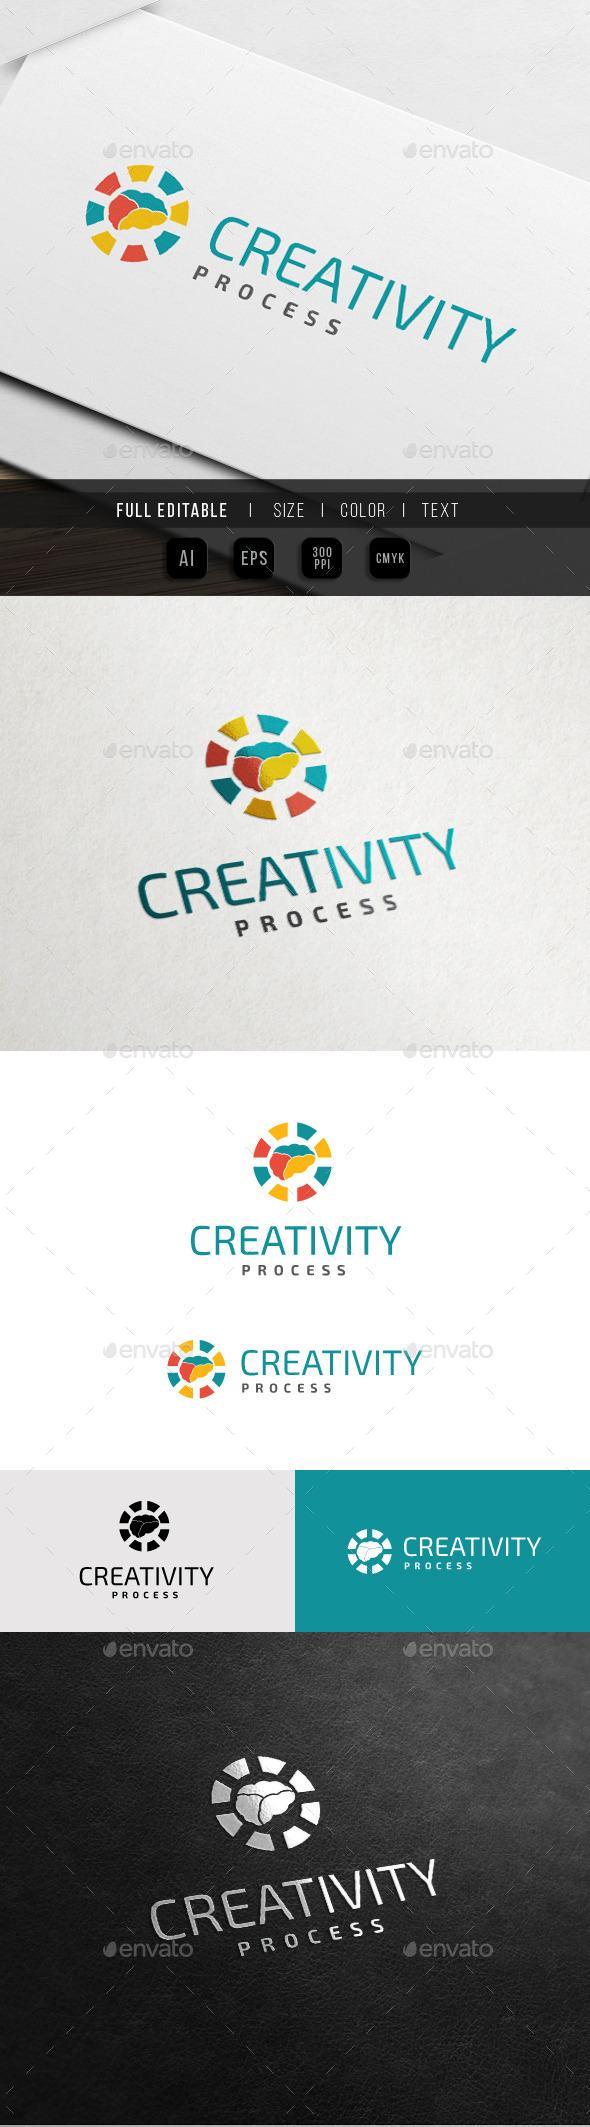 GraphicRiver Creativity Process Brain Load 10761702